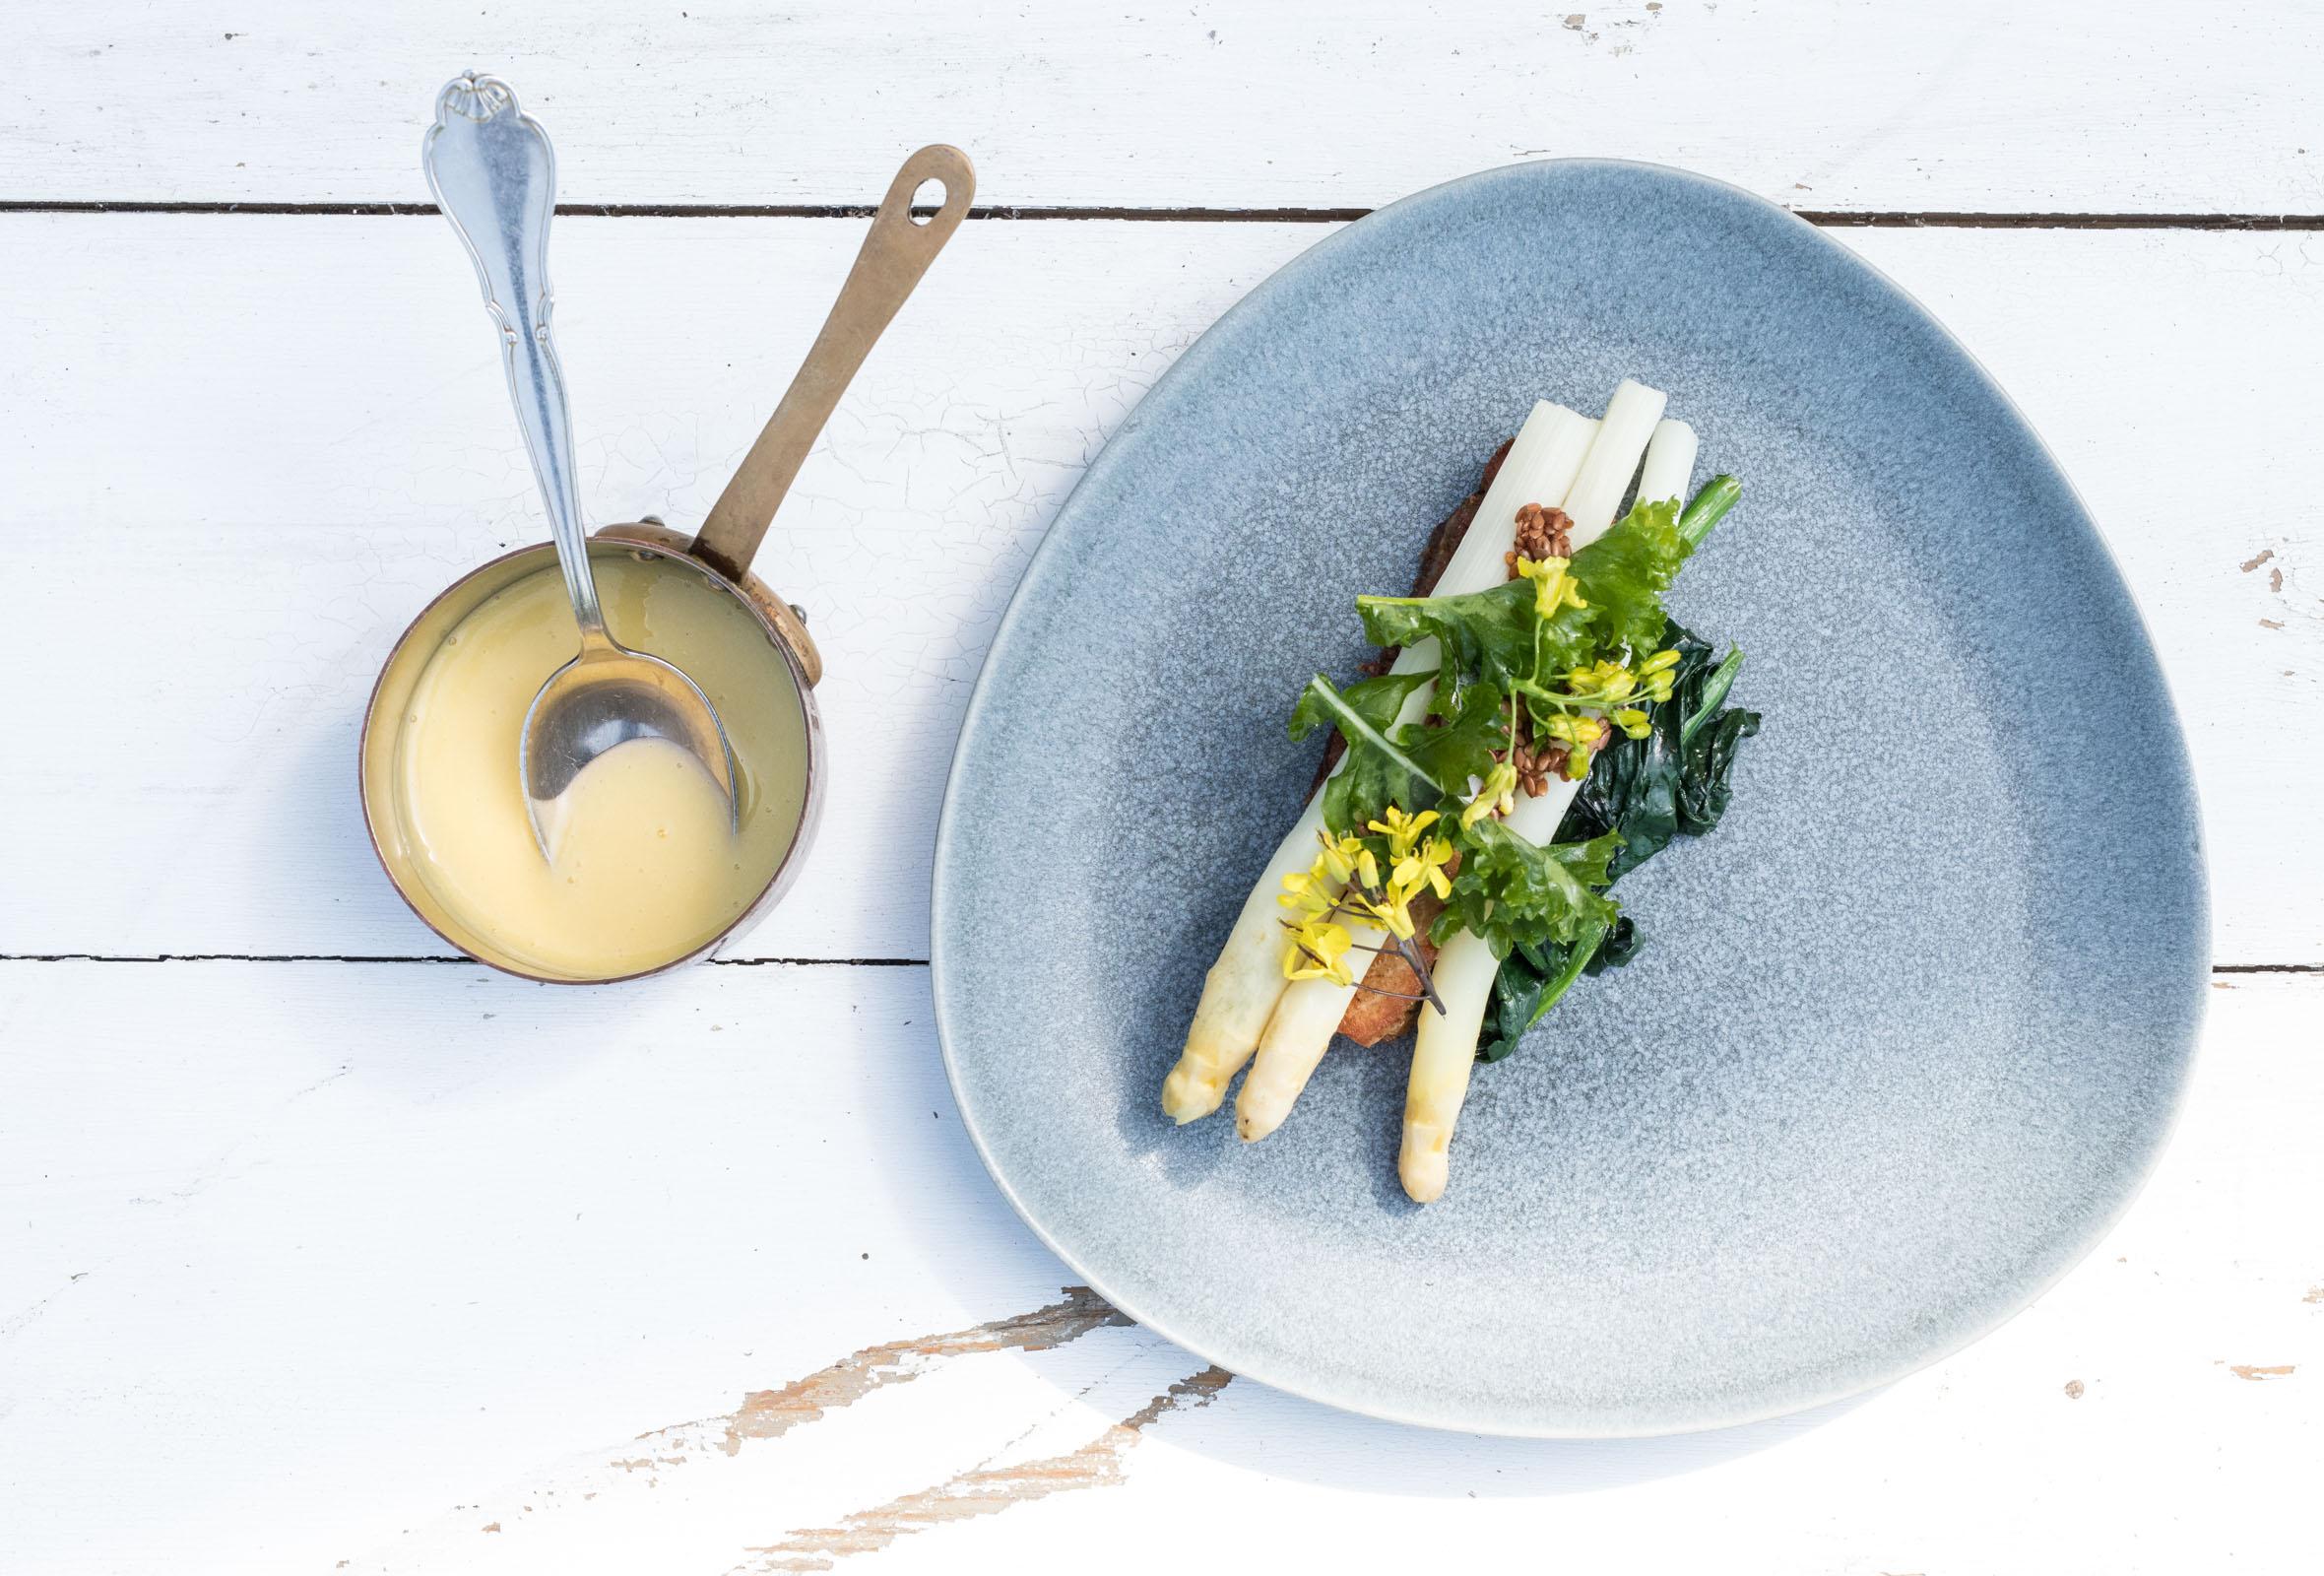 3-retters menu hos Michelin-anbefalede 56 grader – Nordisk gourmet i fantastiske omgivelser på Holmen